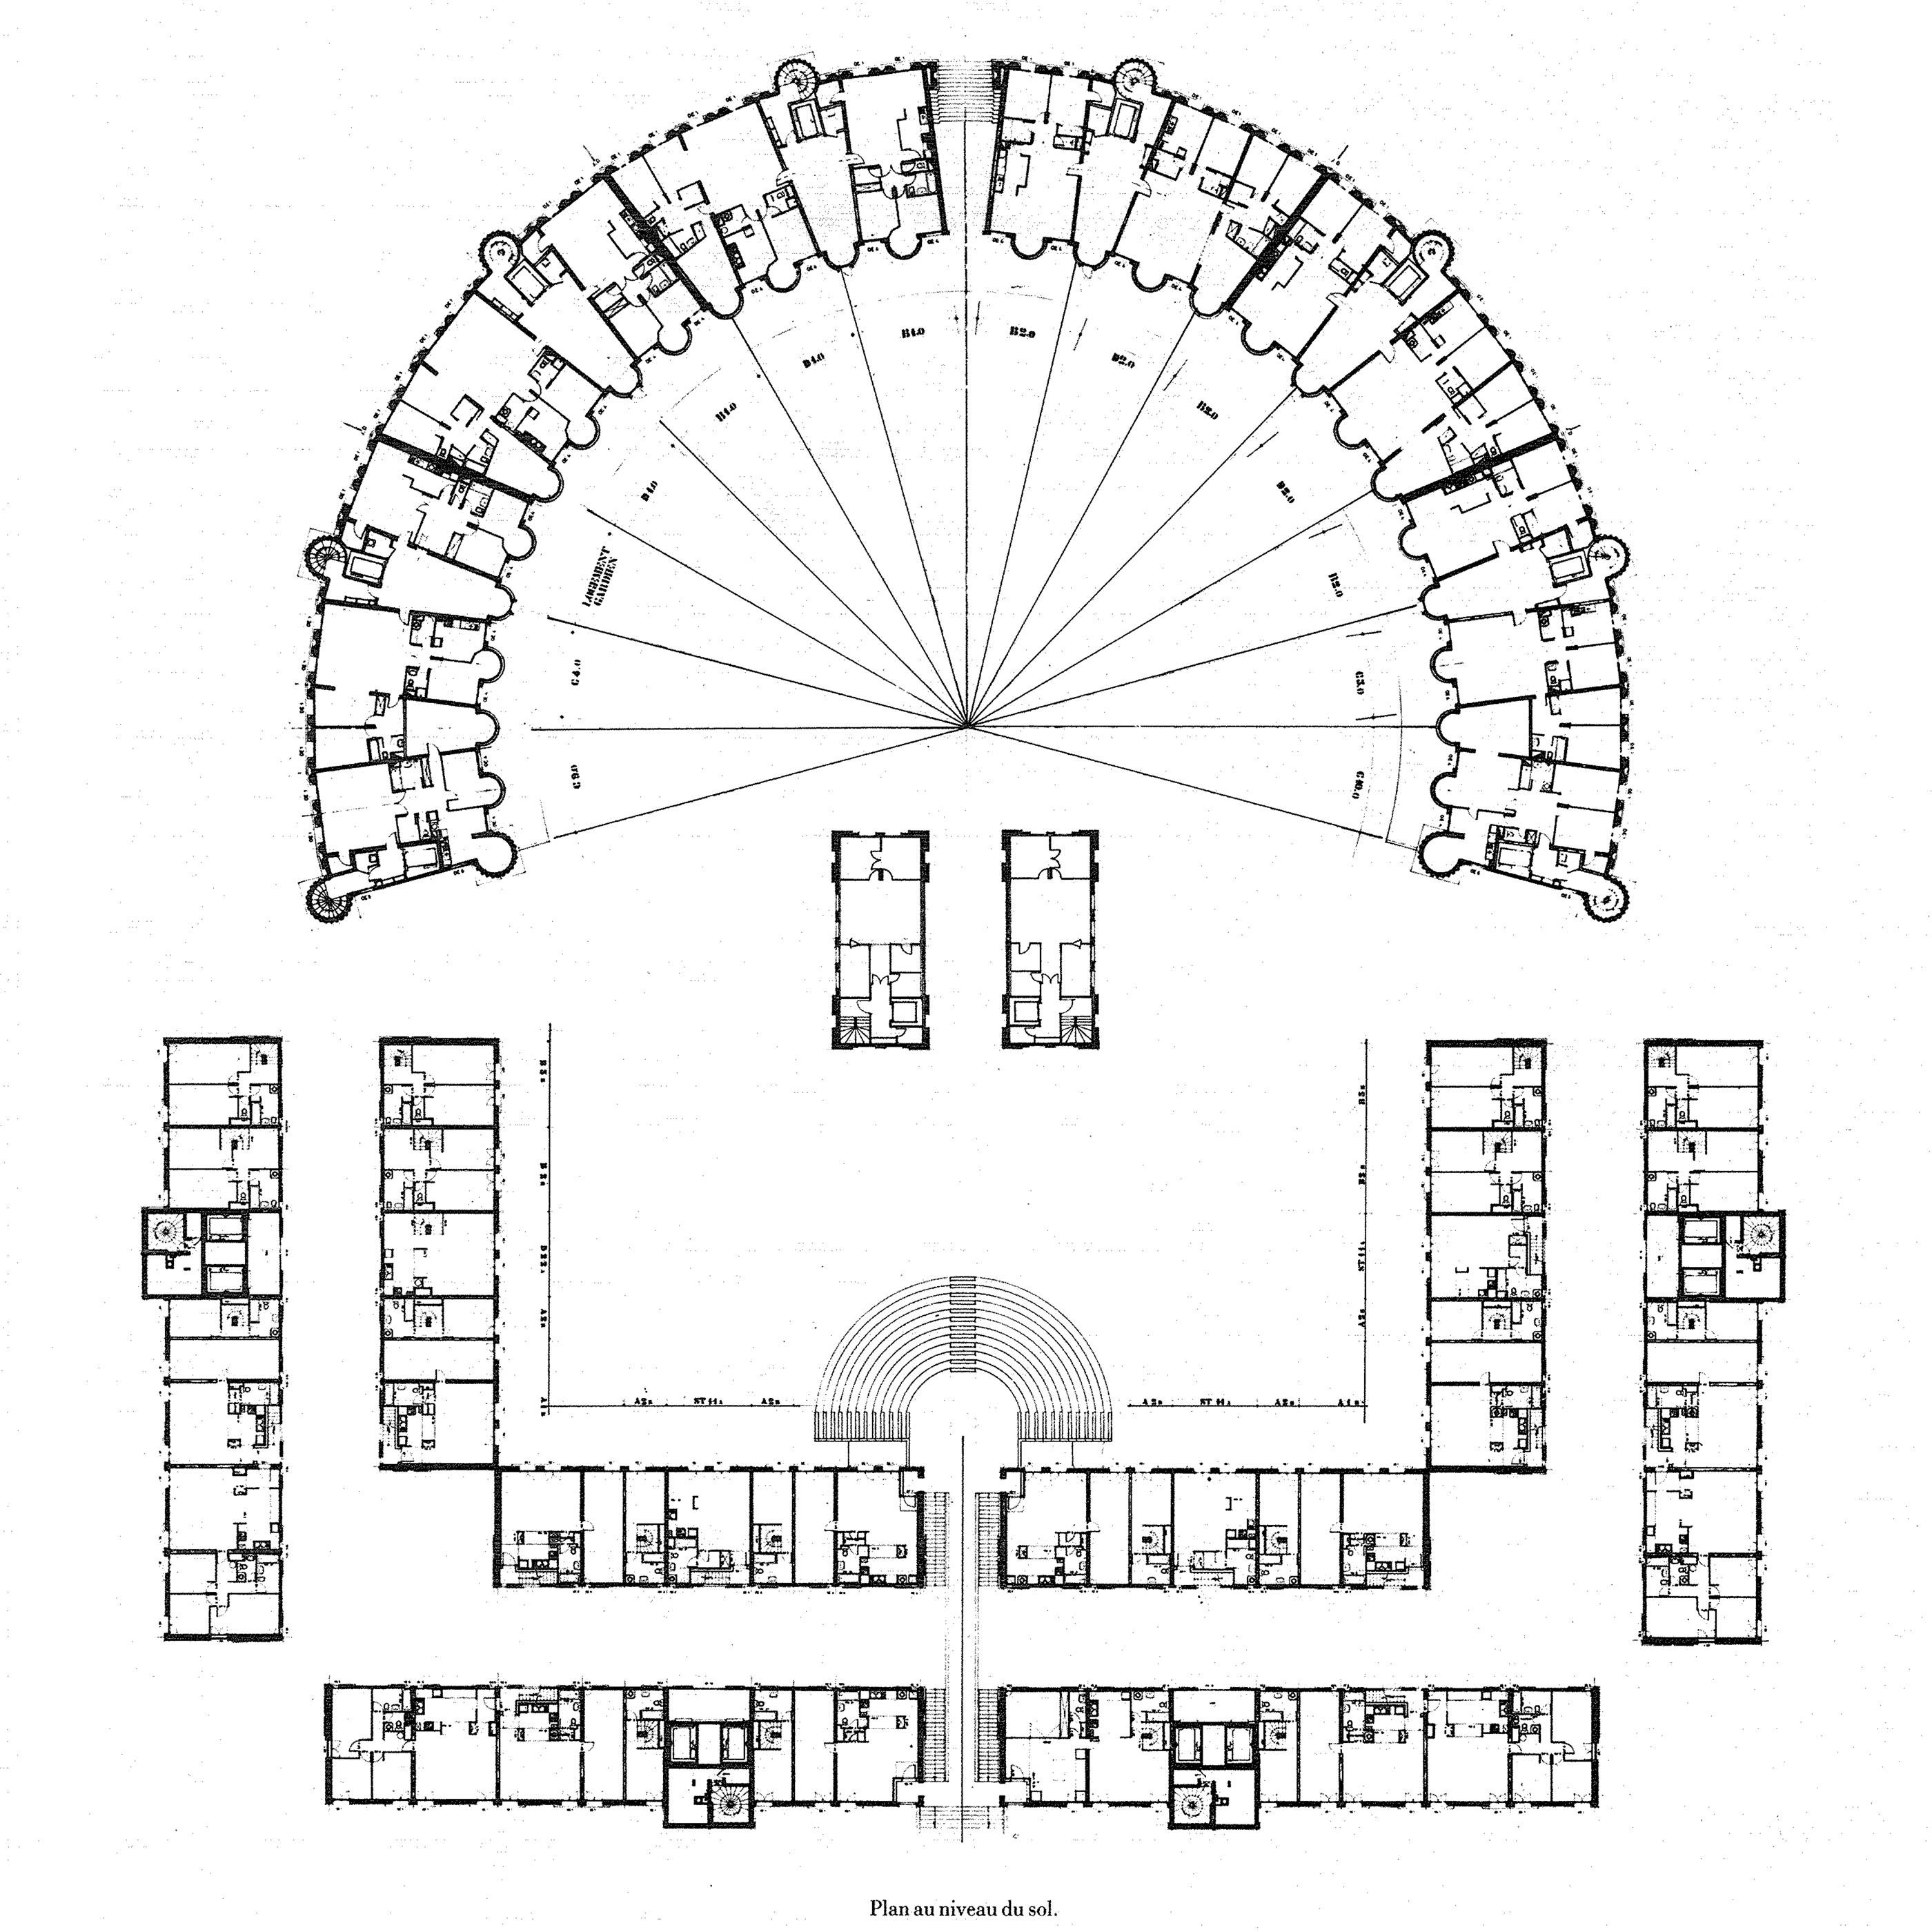 Espaces abraxas noisy le grand 22 misfits 39 architecture Architecture noisy le grand